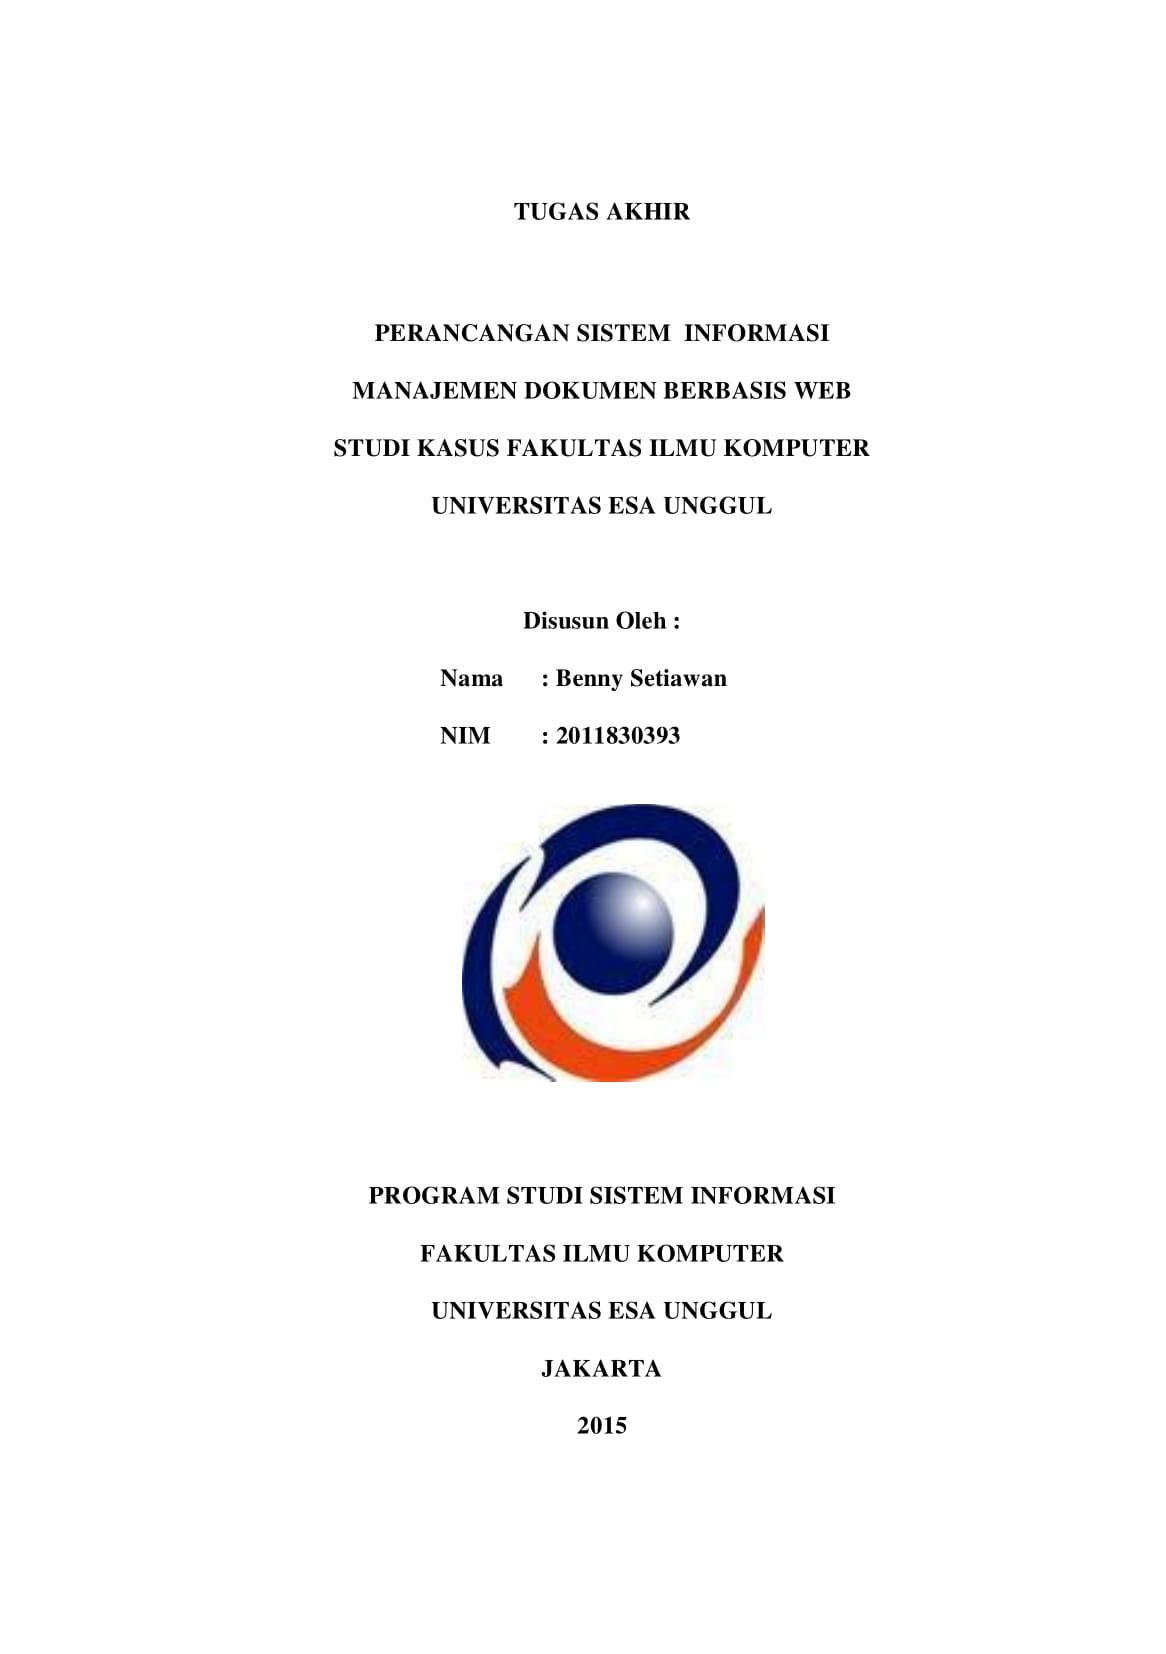 Perancangan Sistem Informasi Manajemen Dokumen Berbasis Web Studi Kasus Fakultas Ilmu Komputer Universitas Esa Unggul